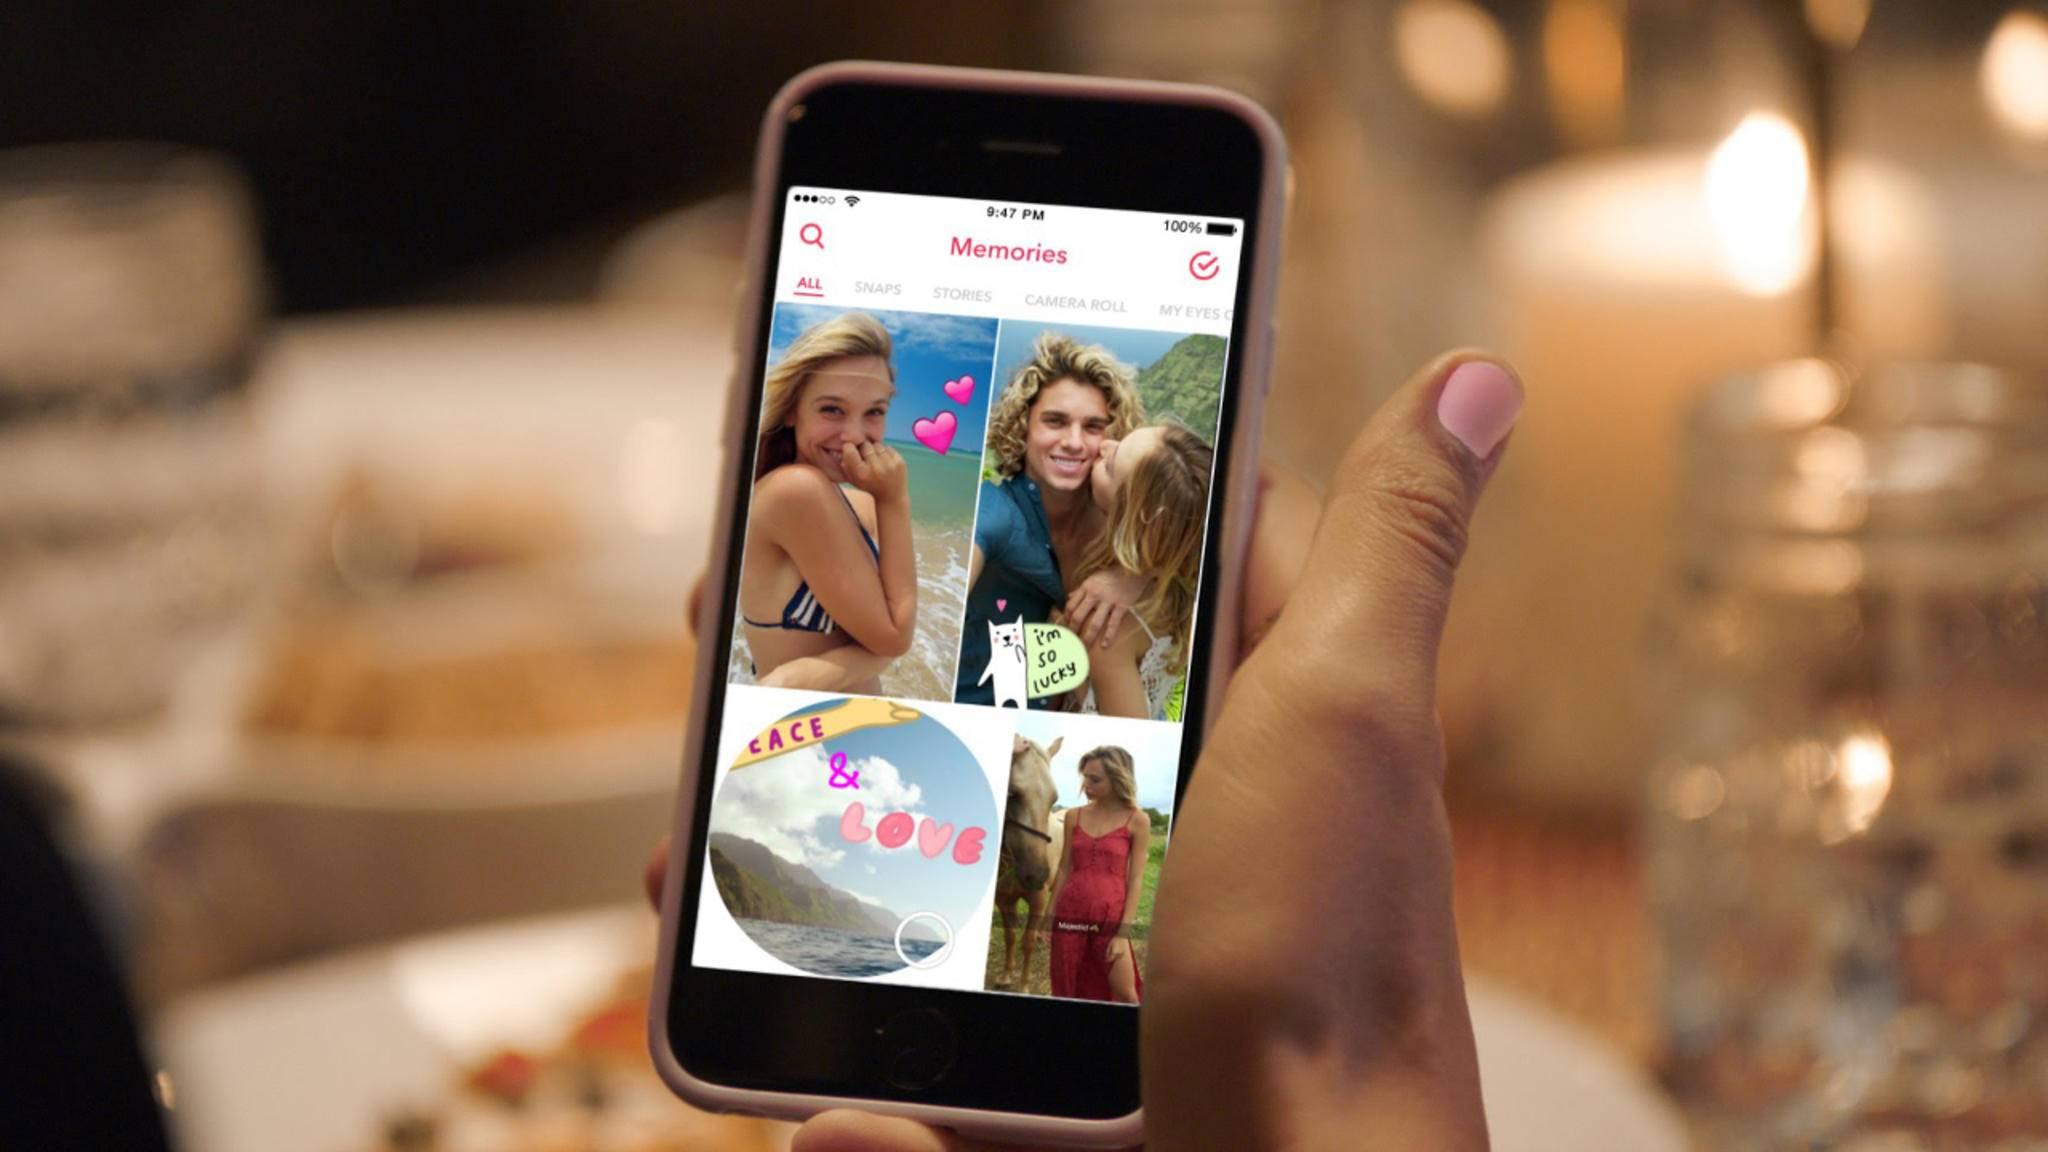 Wenn sich der Snapchat-Feed nicht aktualisiert, solltest Du das Smartphone neustarten.